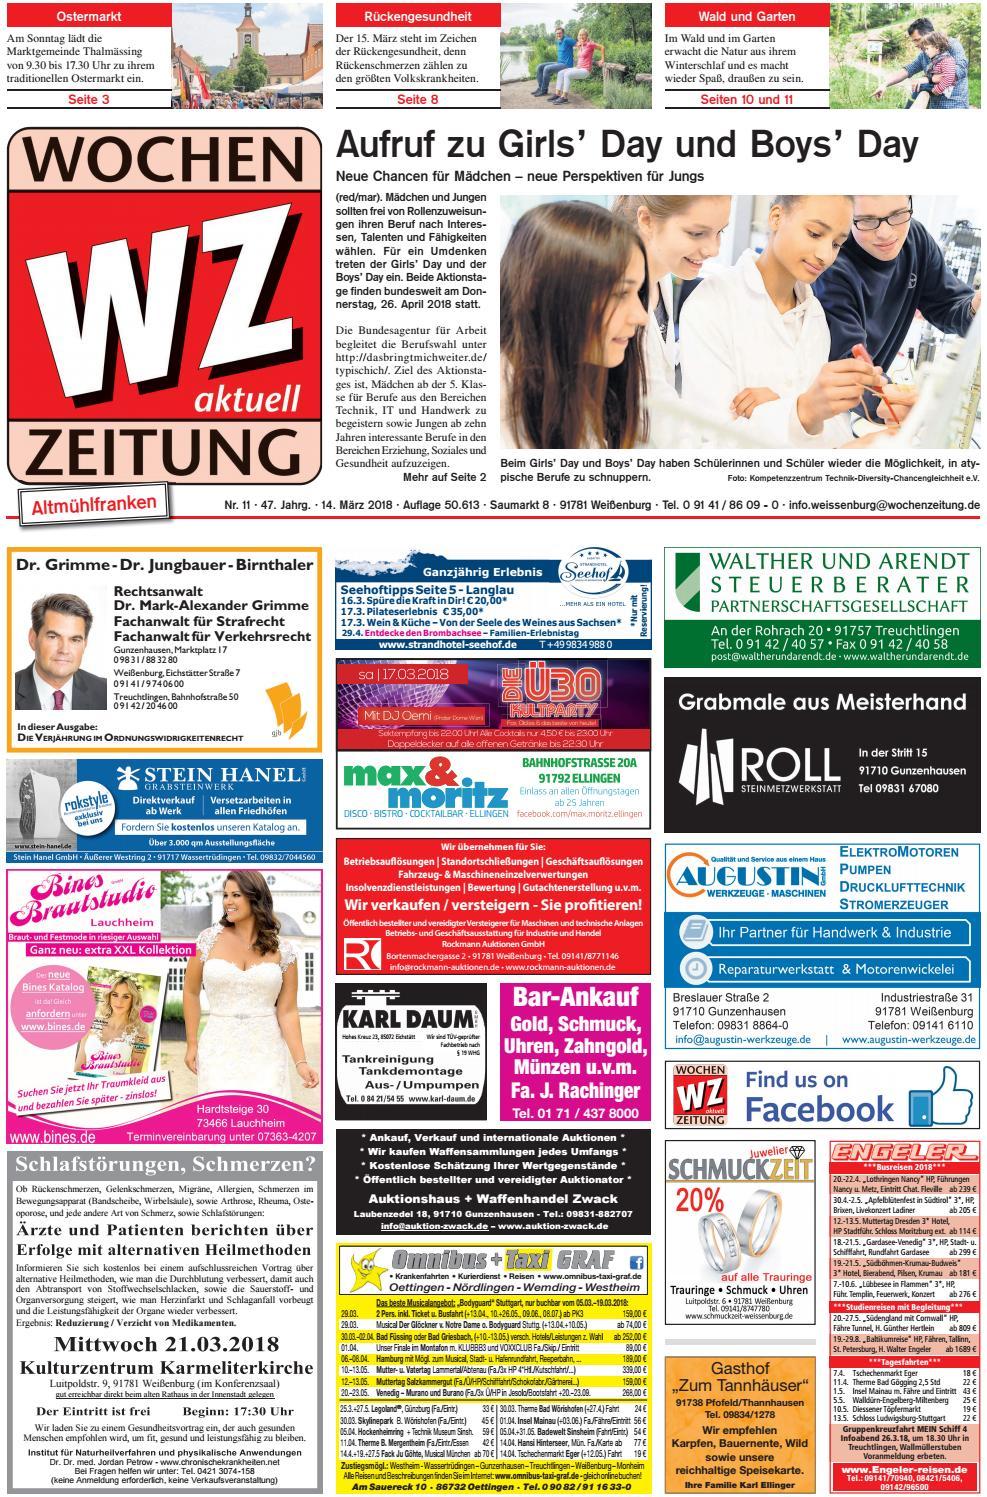 Wochenzeitung Weissenburg Kw 11 18 By Wochenzeitung Sonntagszeitung